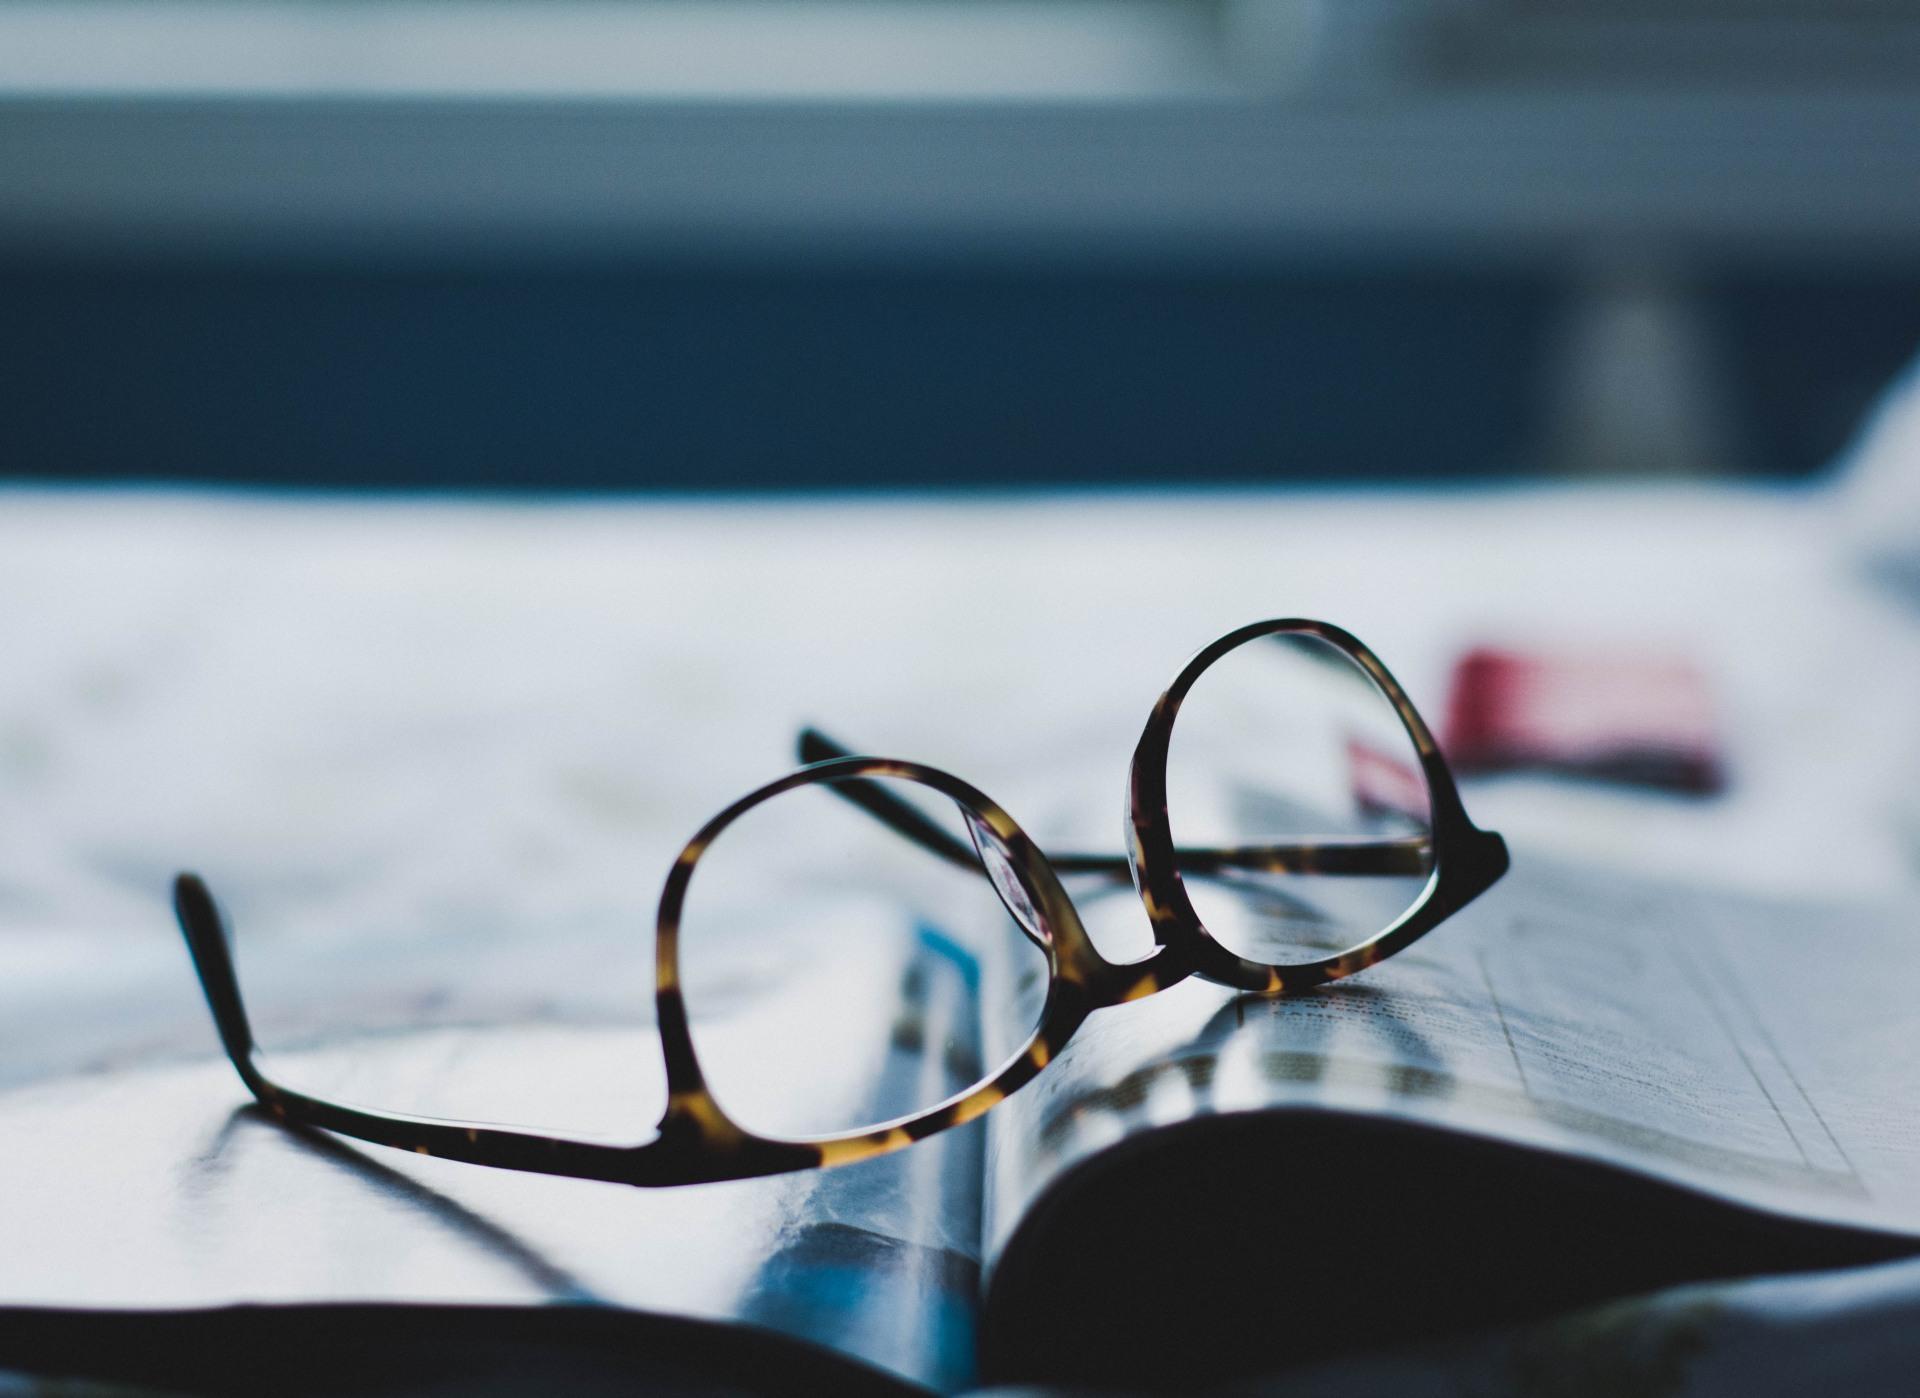 nehéz látásvizsgálat kanállal visszanyerje a látást